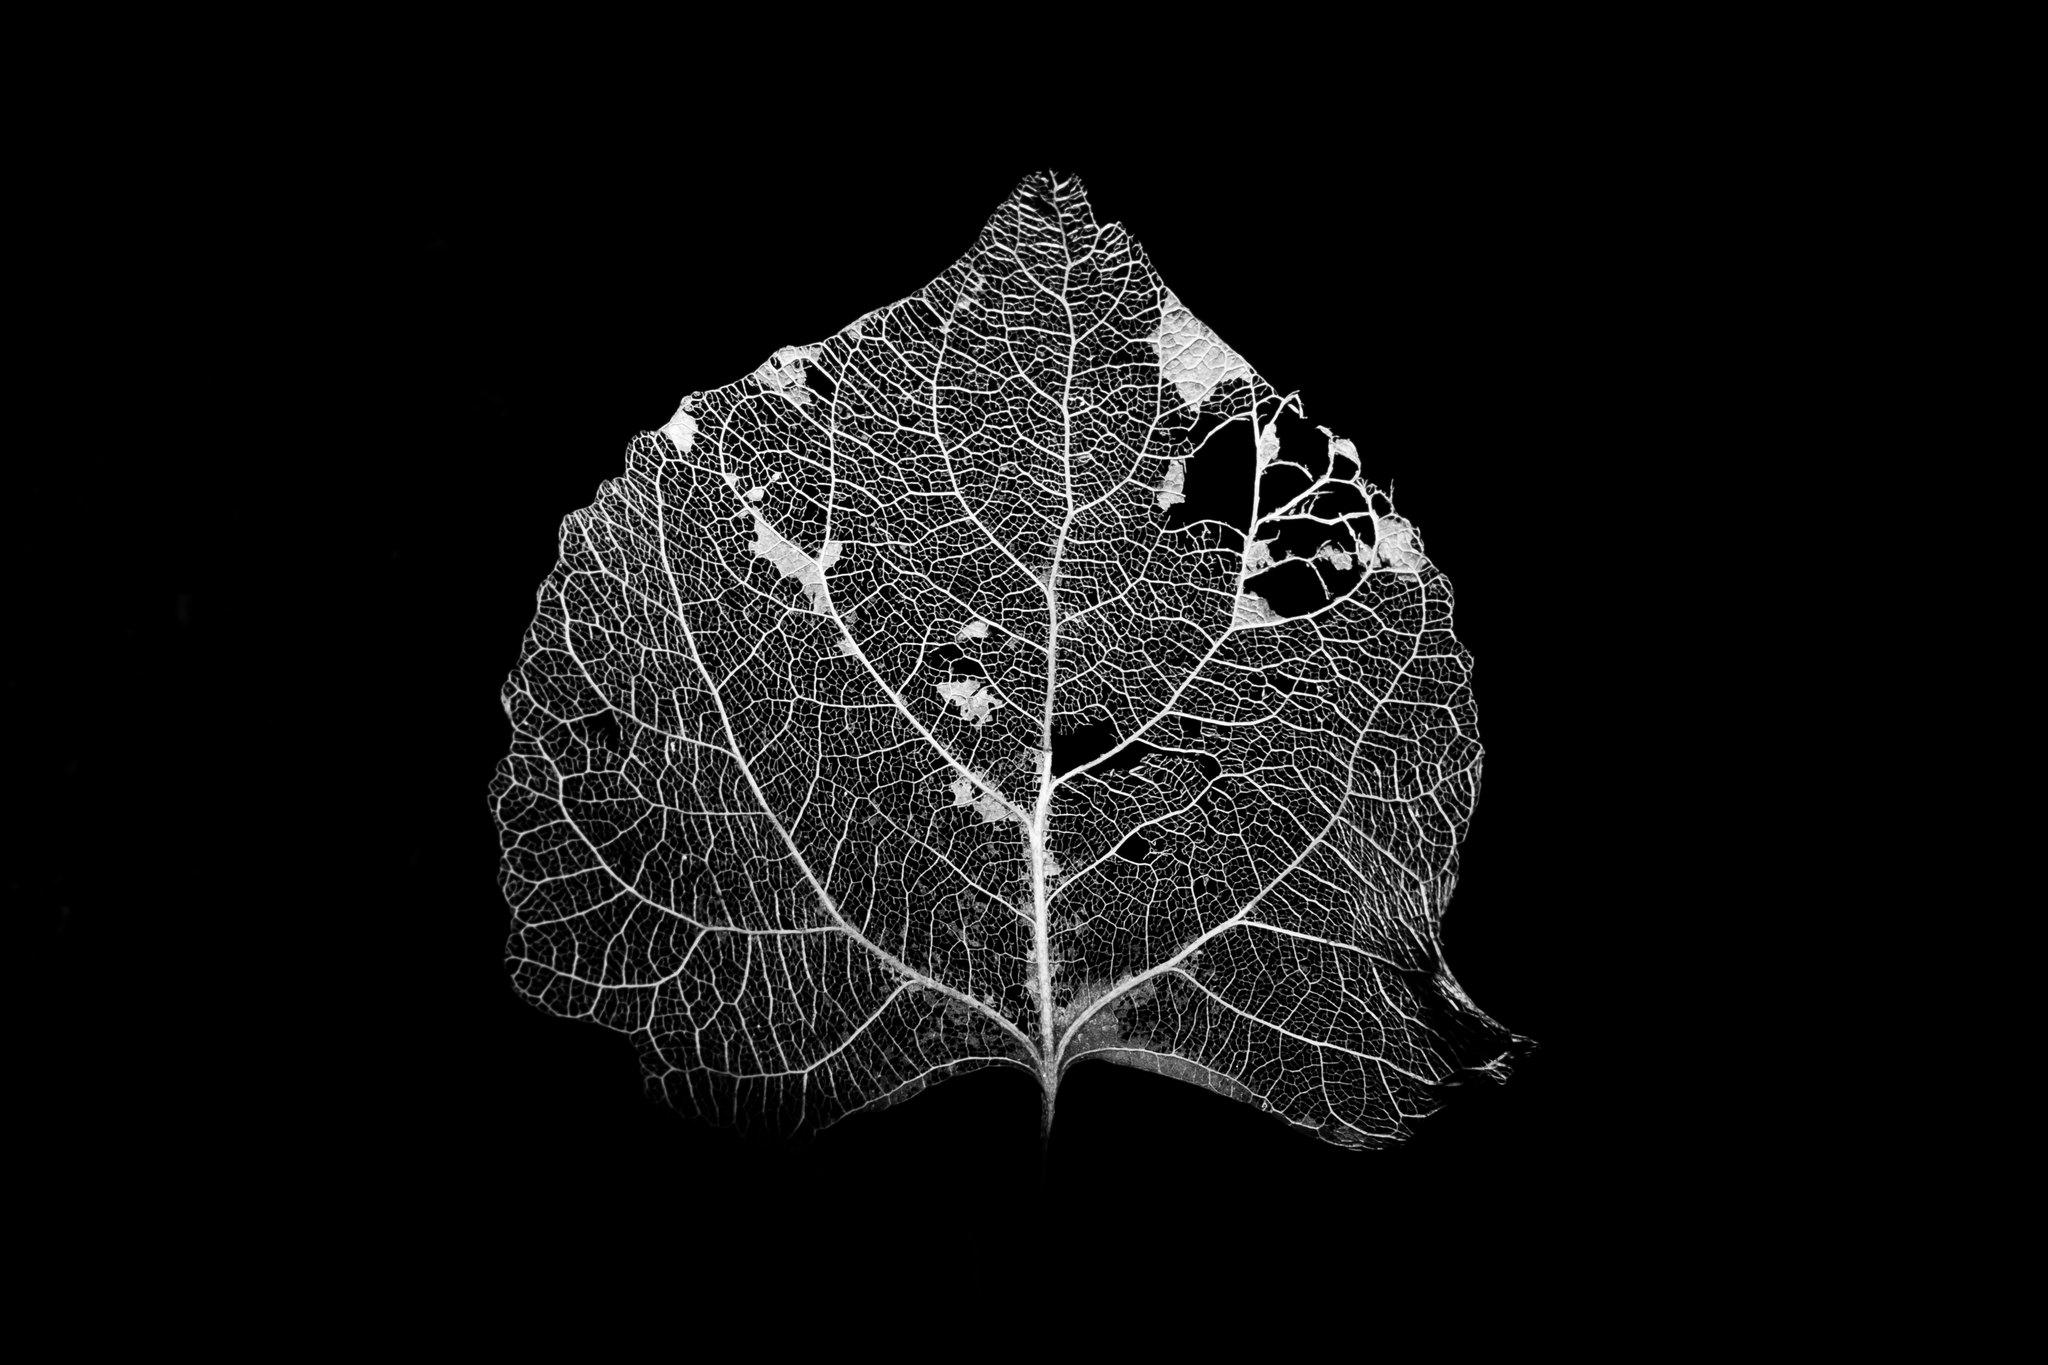 Decayed Aspen Leaf in B&W